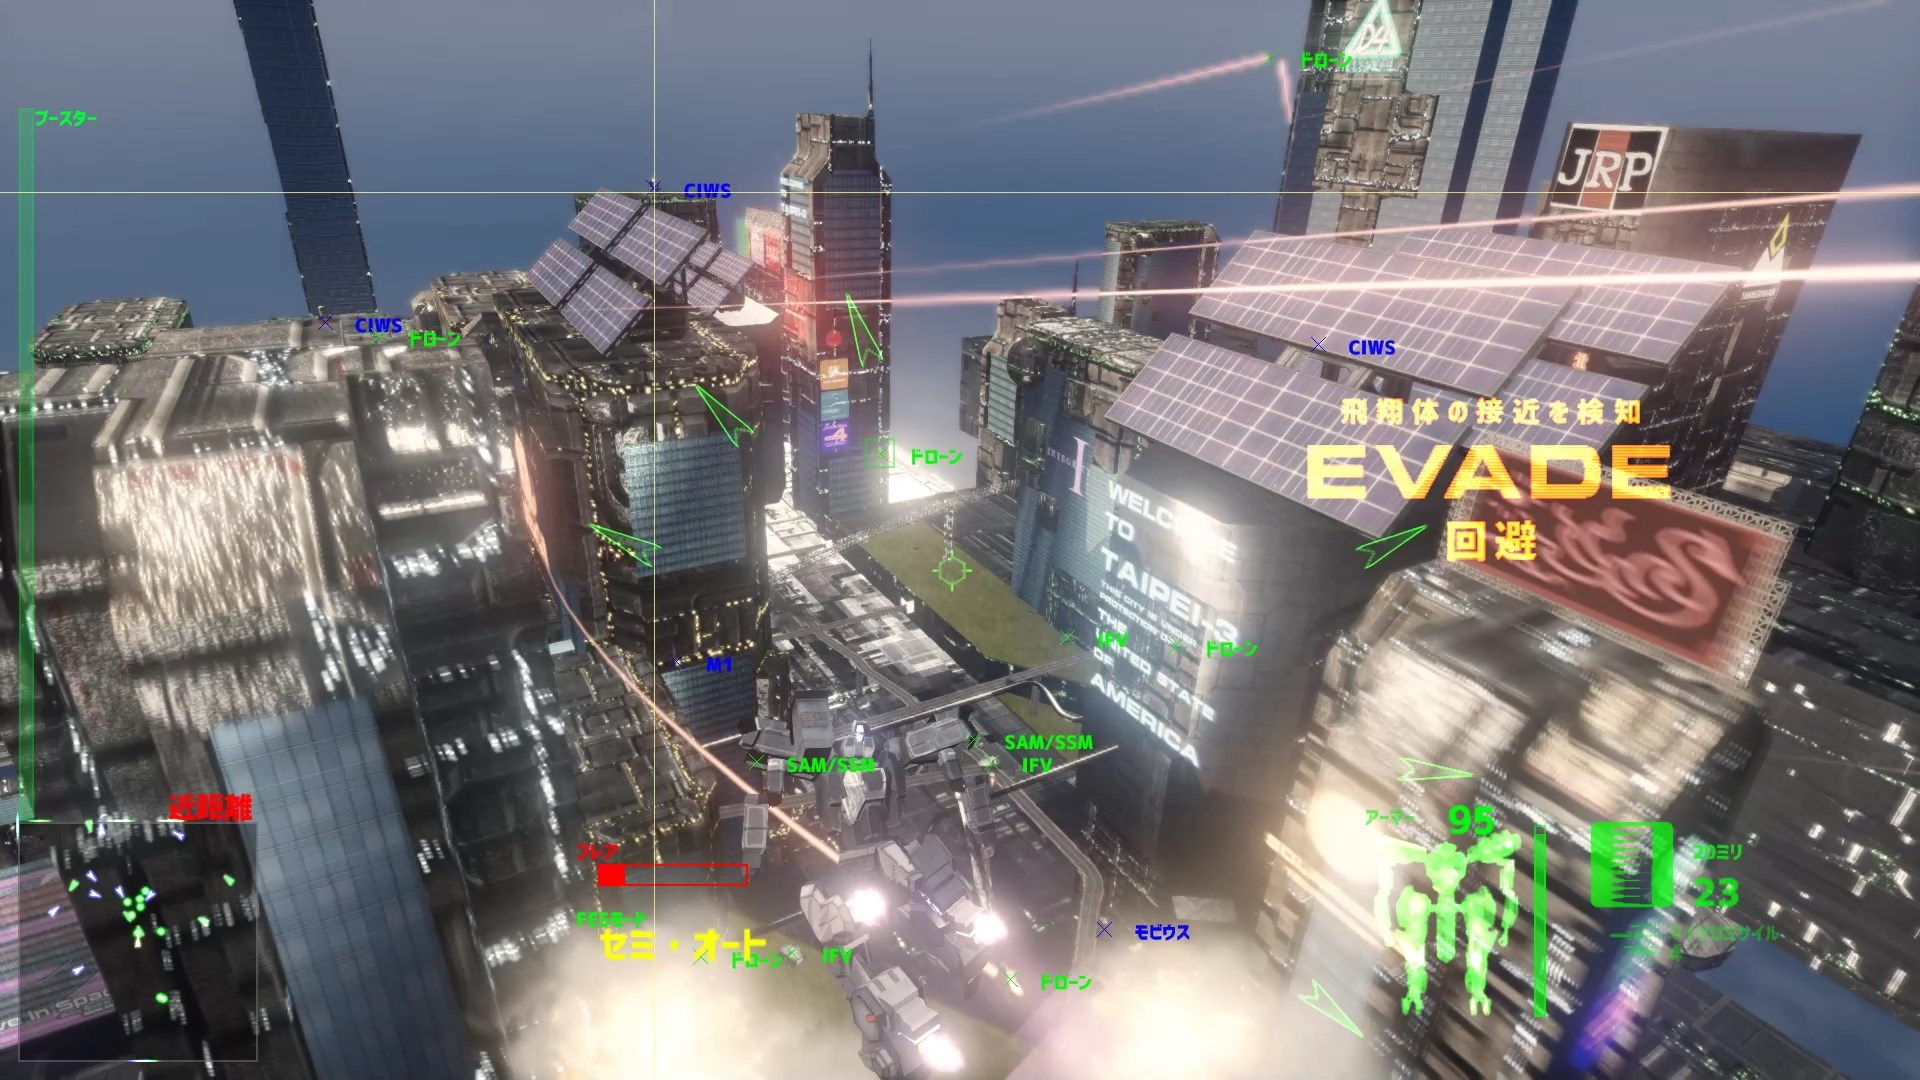 地上に近いと視界を遮るビルなどが多く、バトルフレームの操縦が重視される。